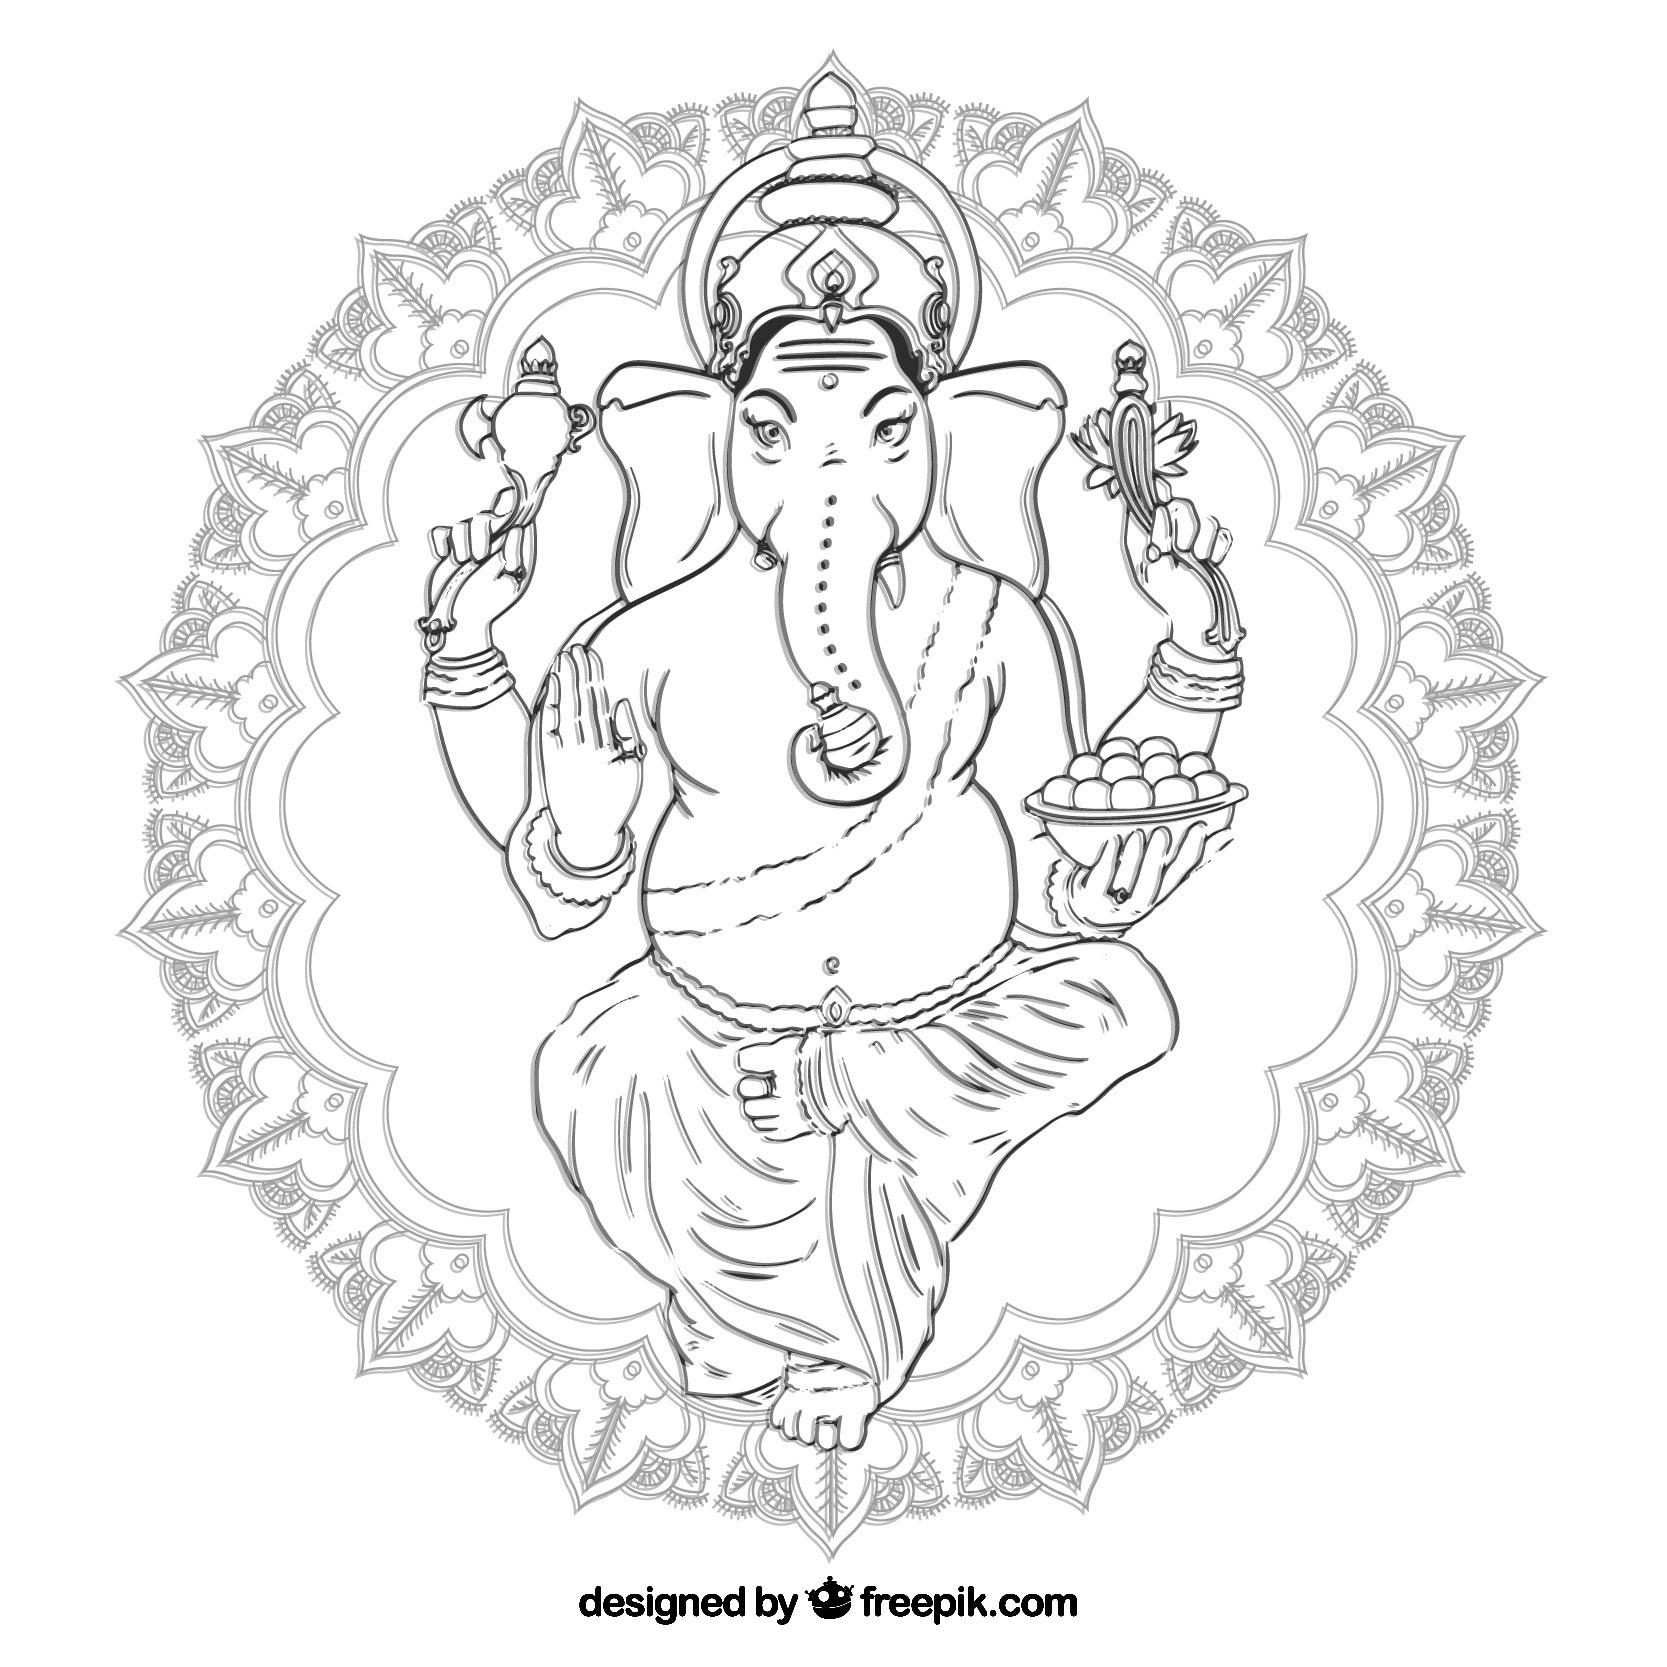 Mandala Monday-Free Ganesha Mandala to Color from Freepik